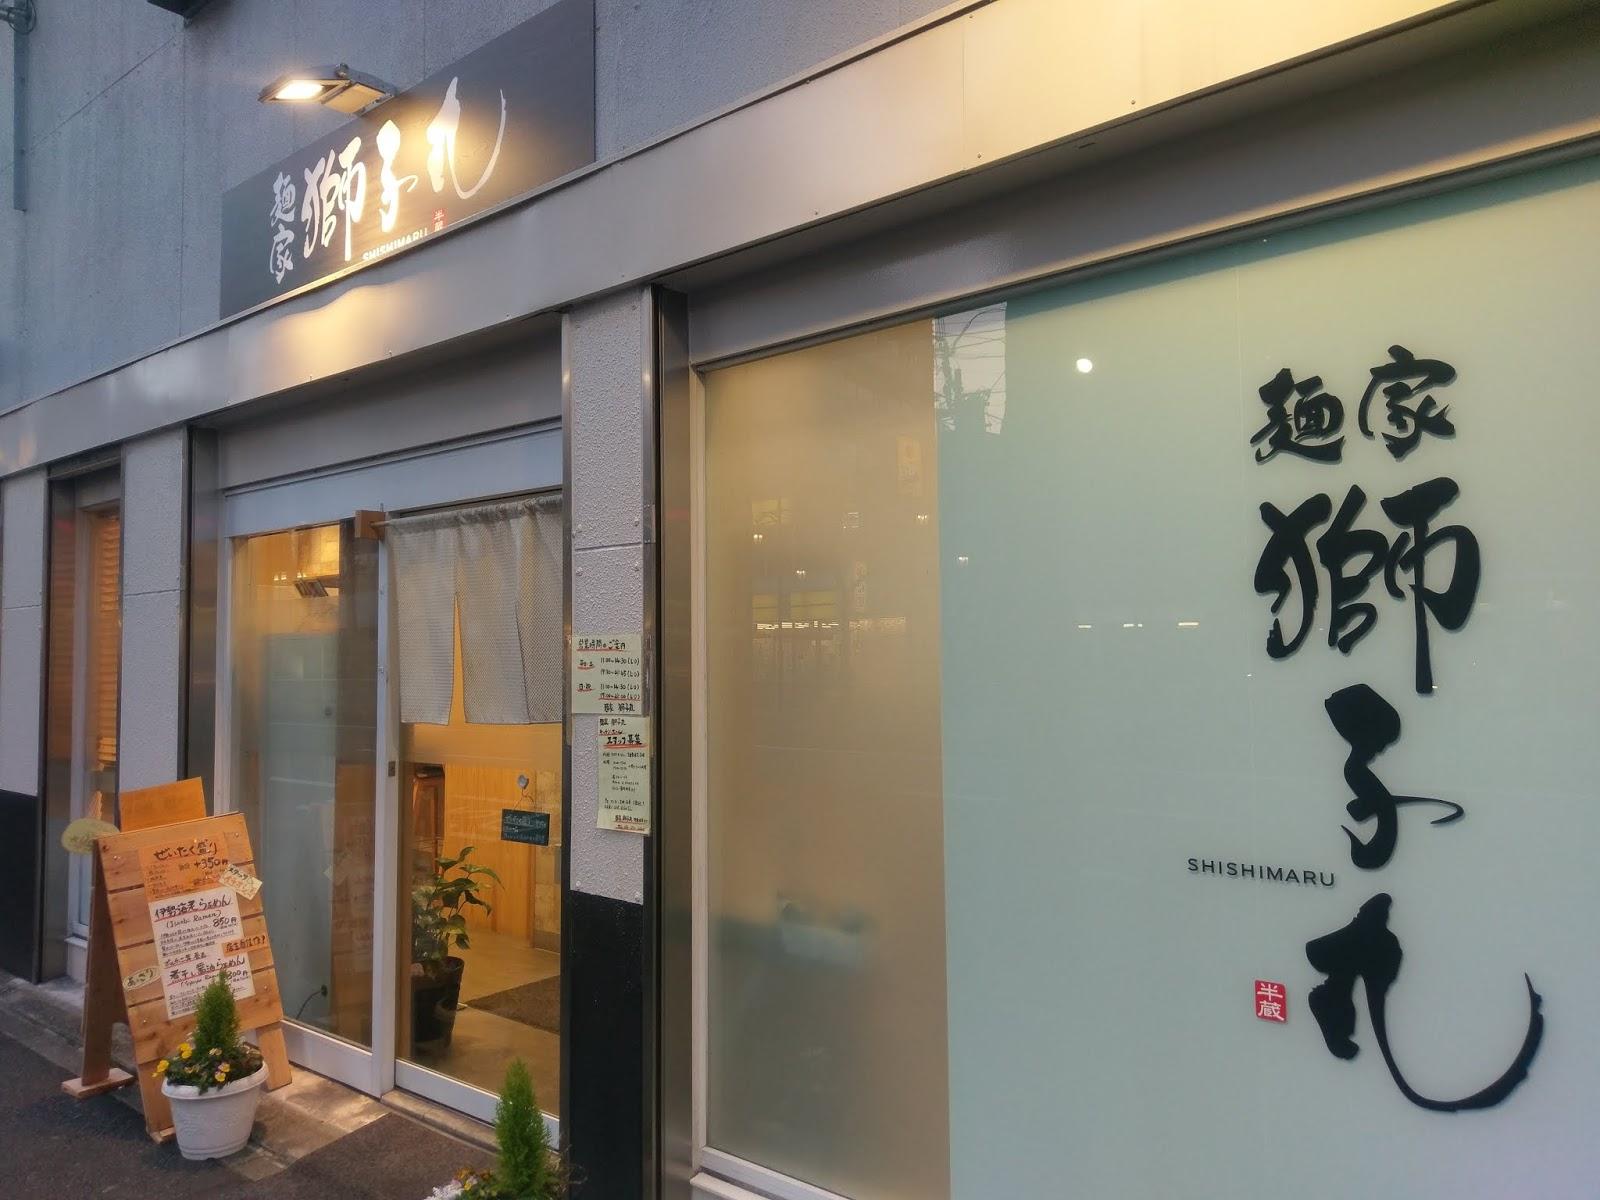 店(獅子丸 名駅ラーメン)